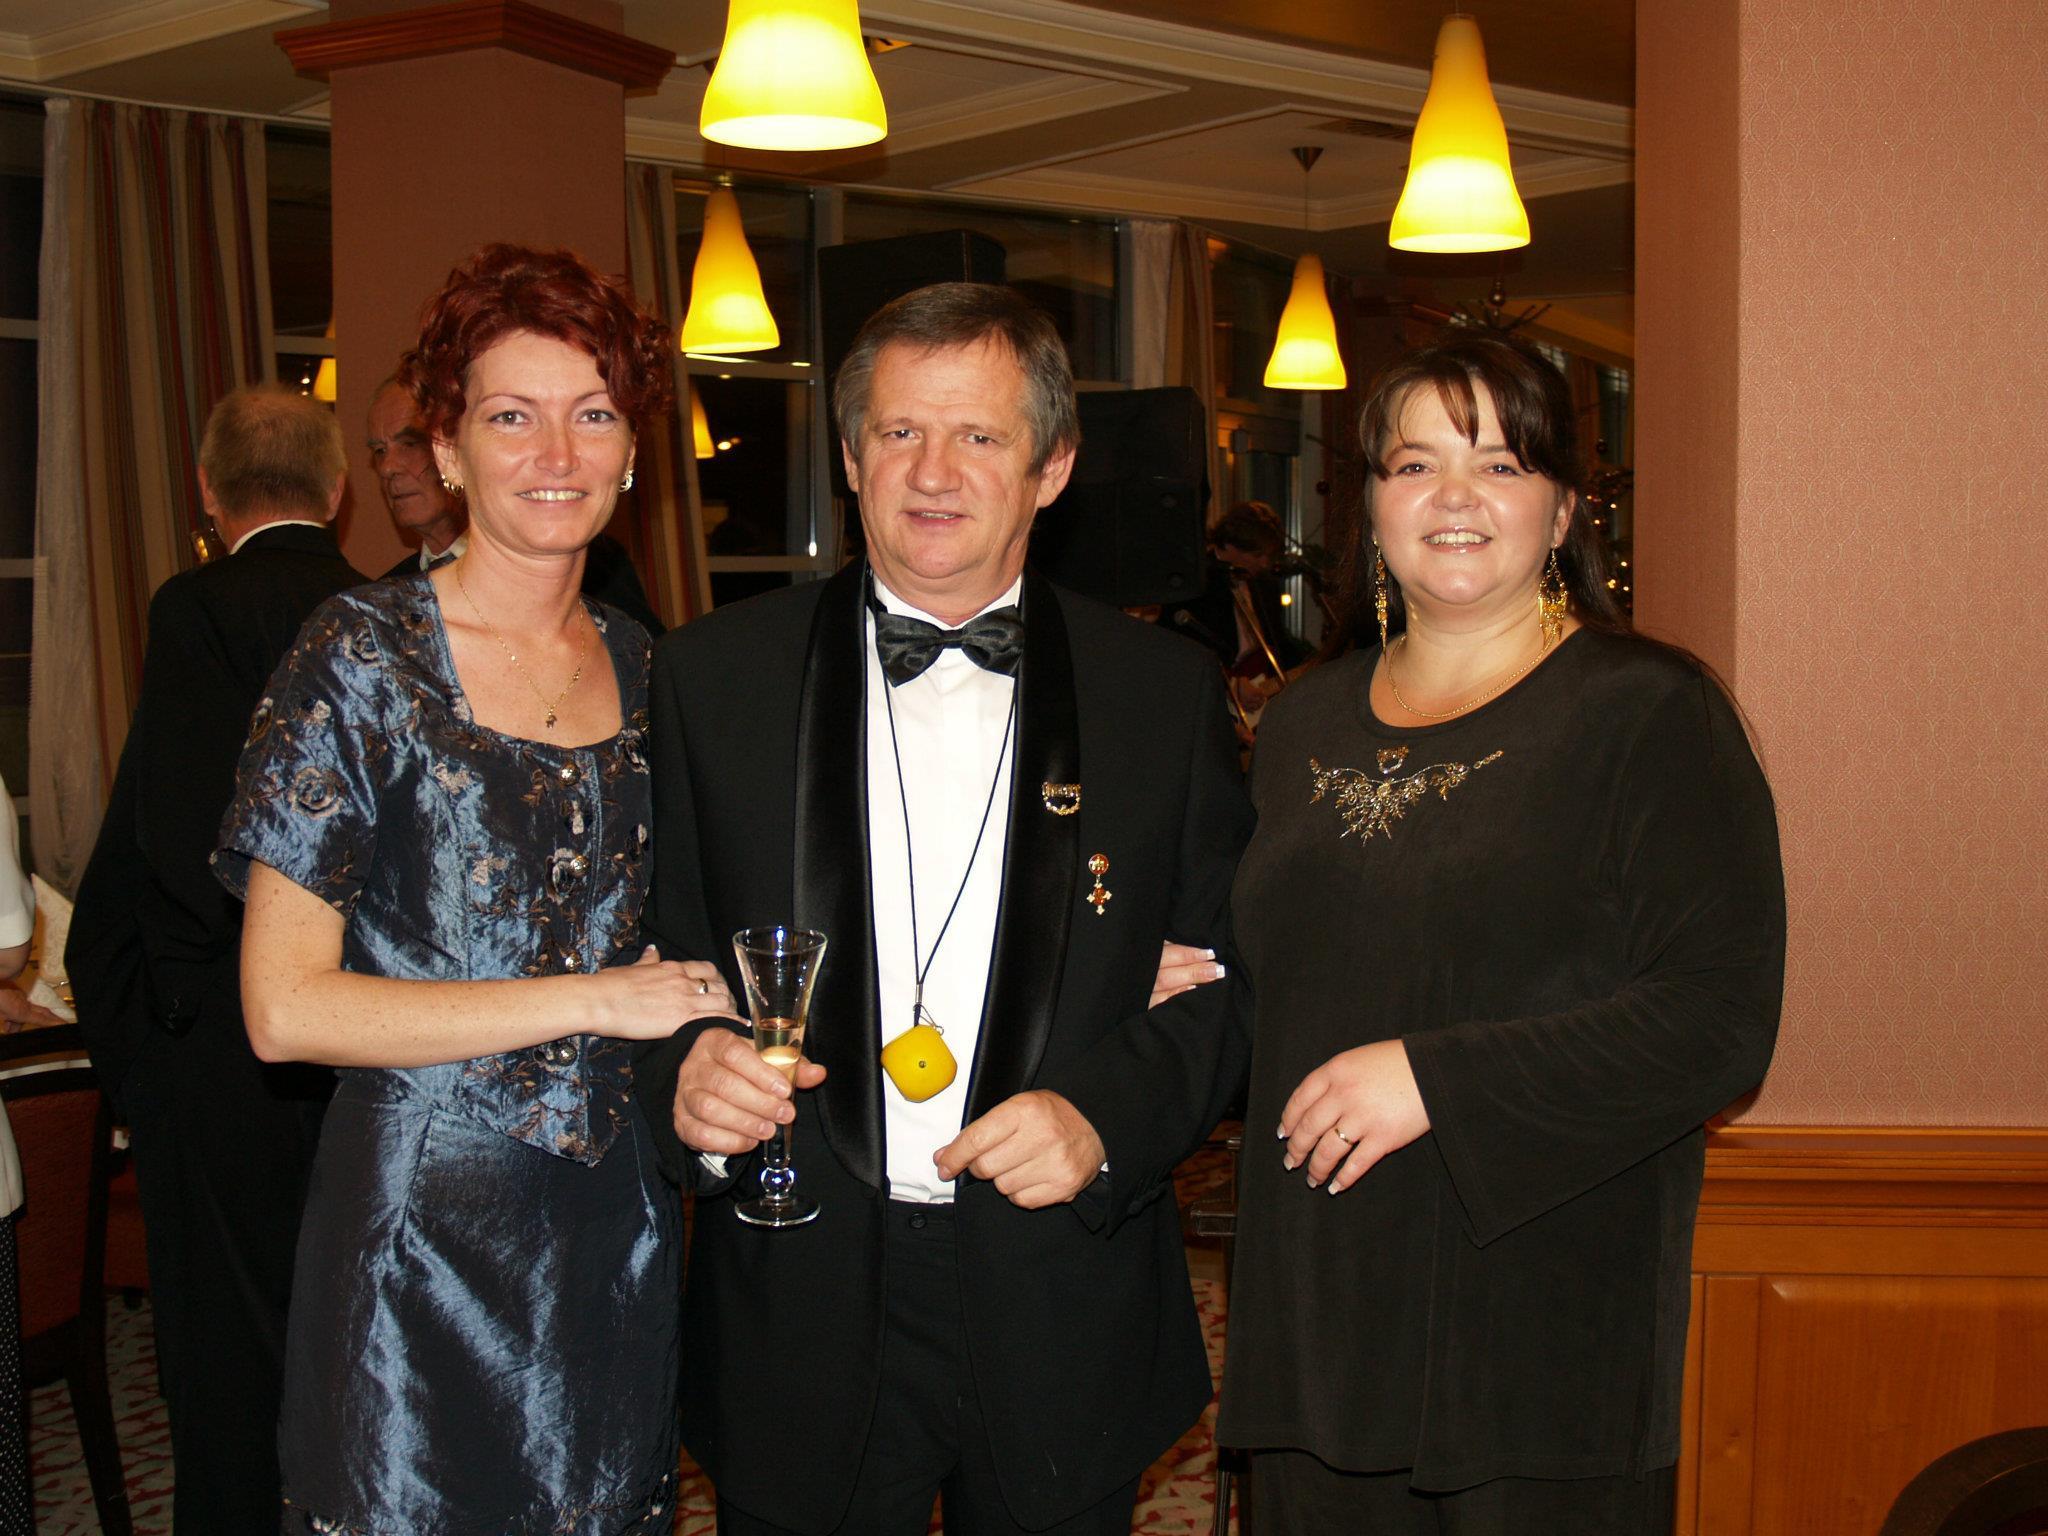 A szponzor házaspárral, Kosiba Józseffel és Hajnival egy hálózati estélyen